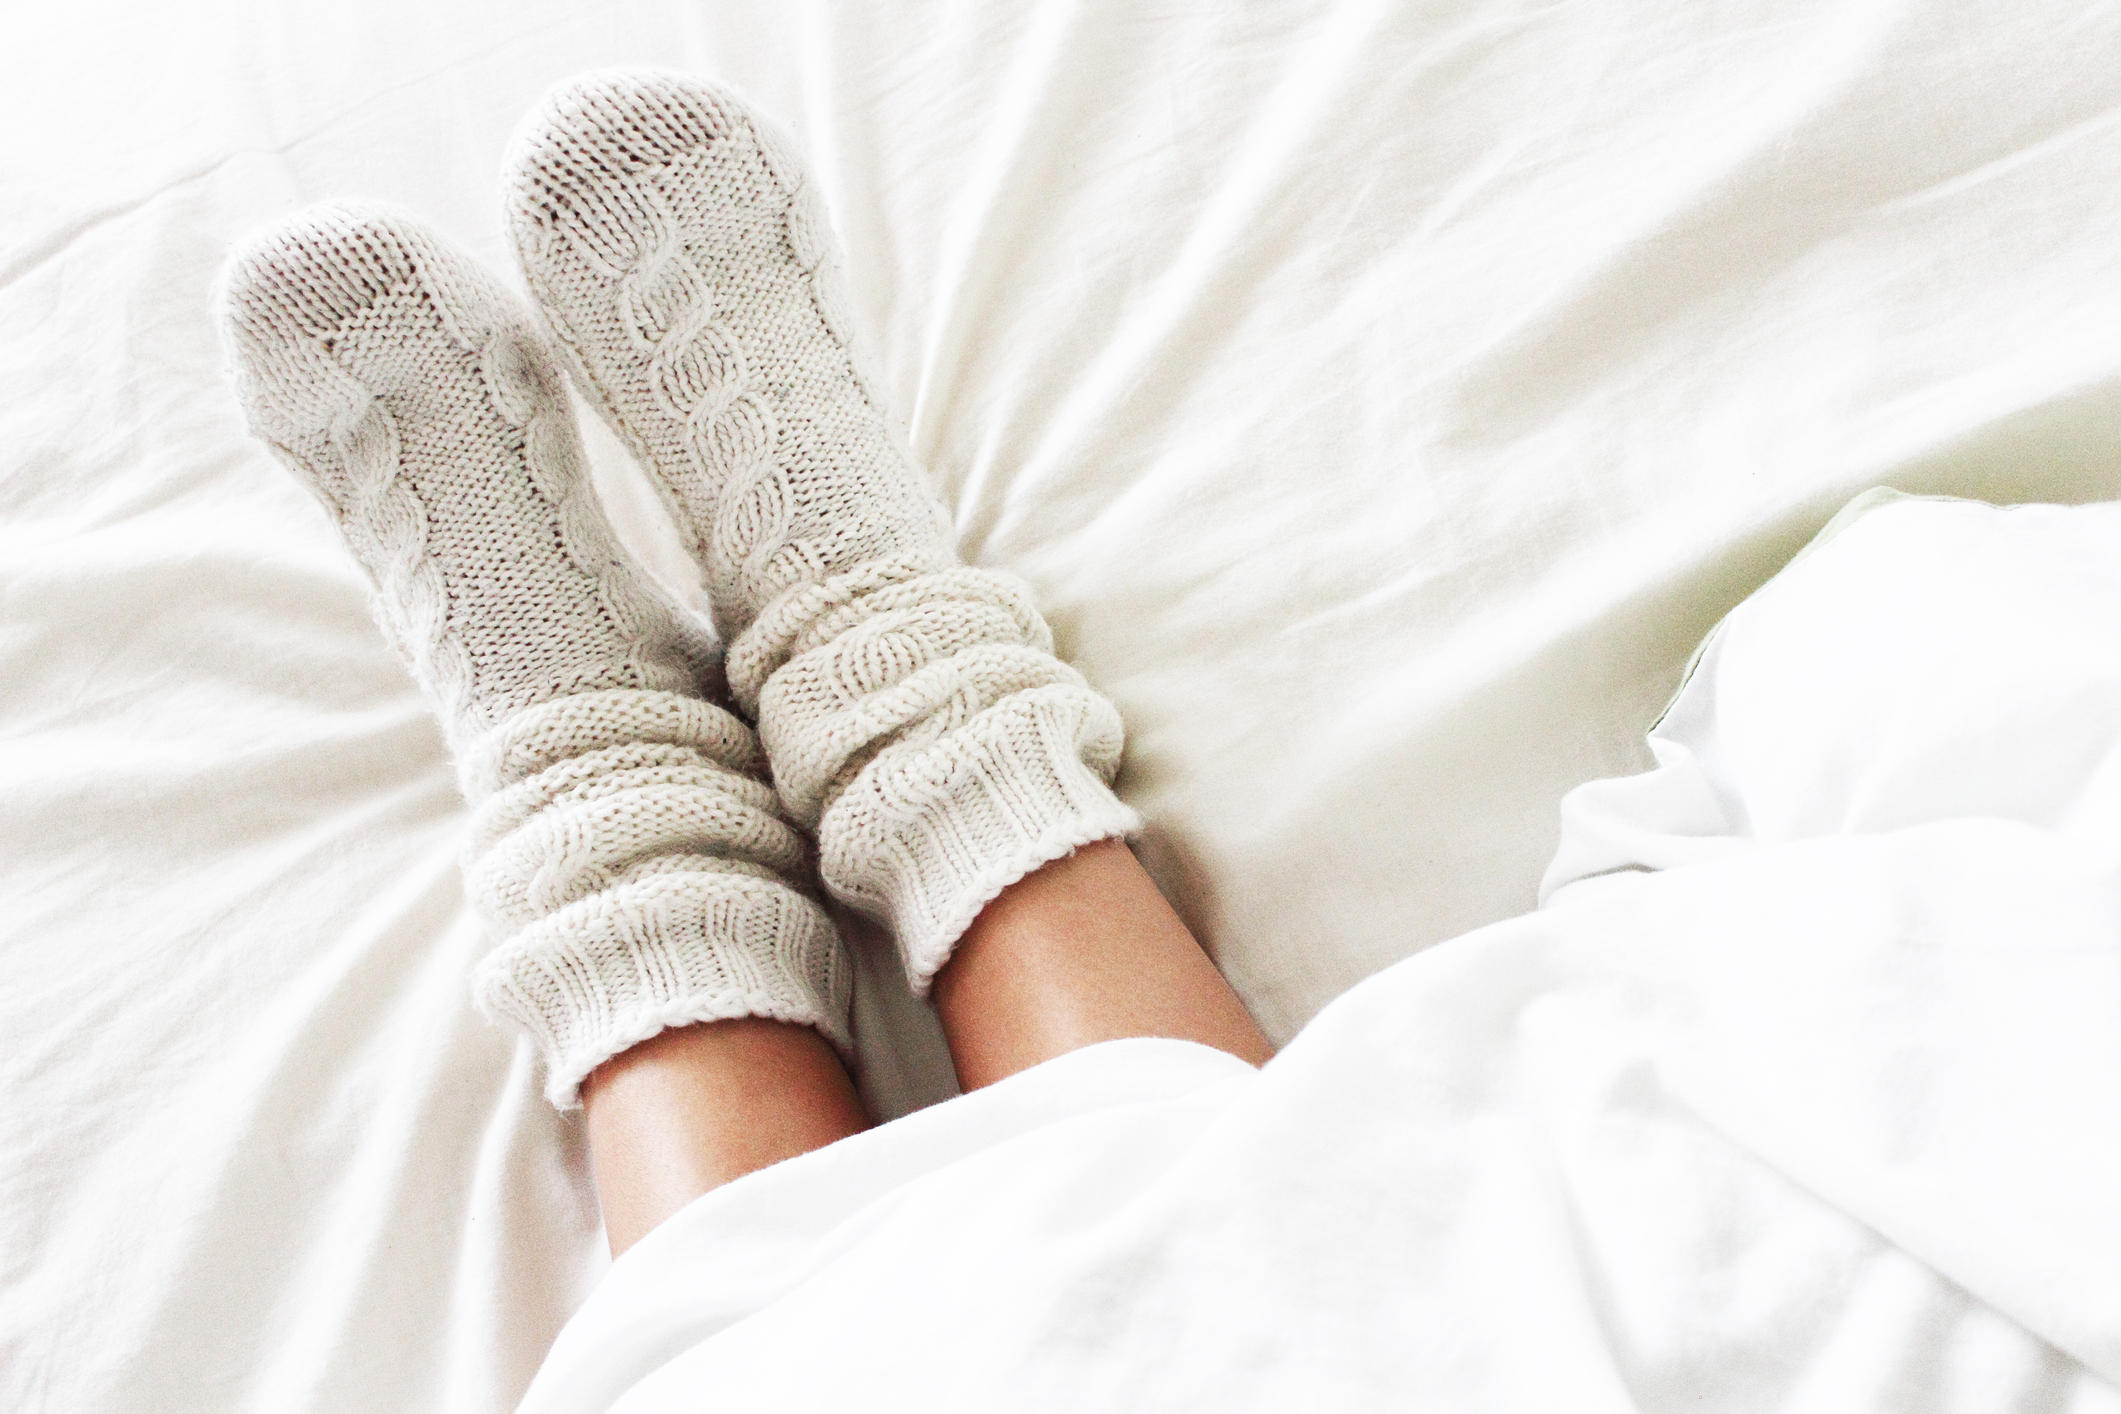 Cozy socks in bed